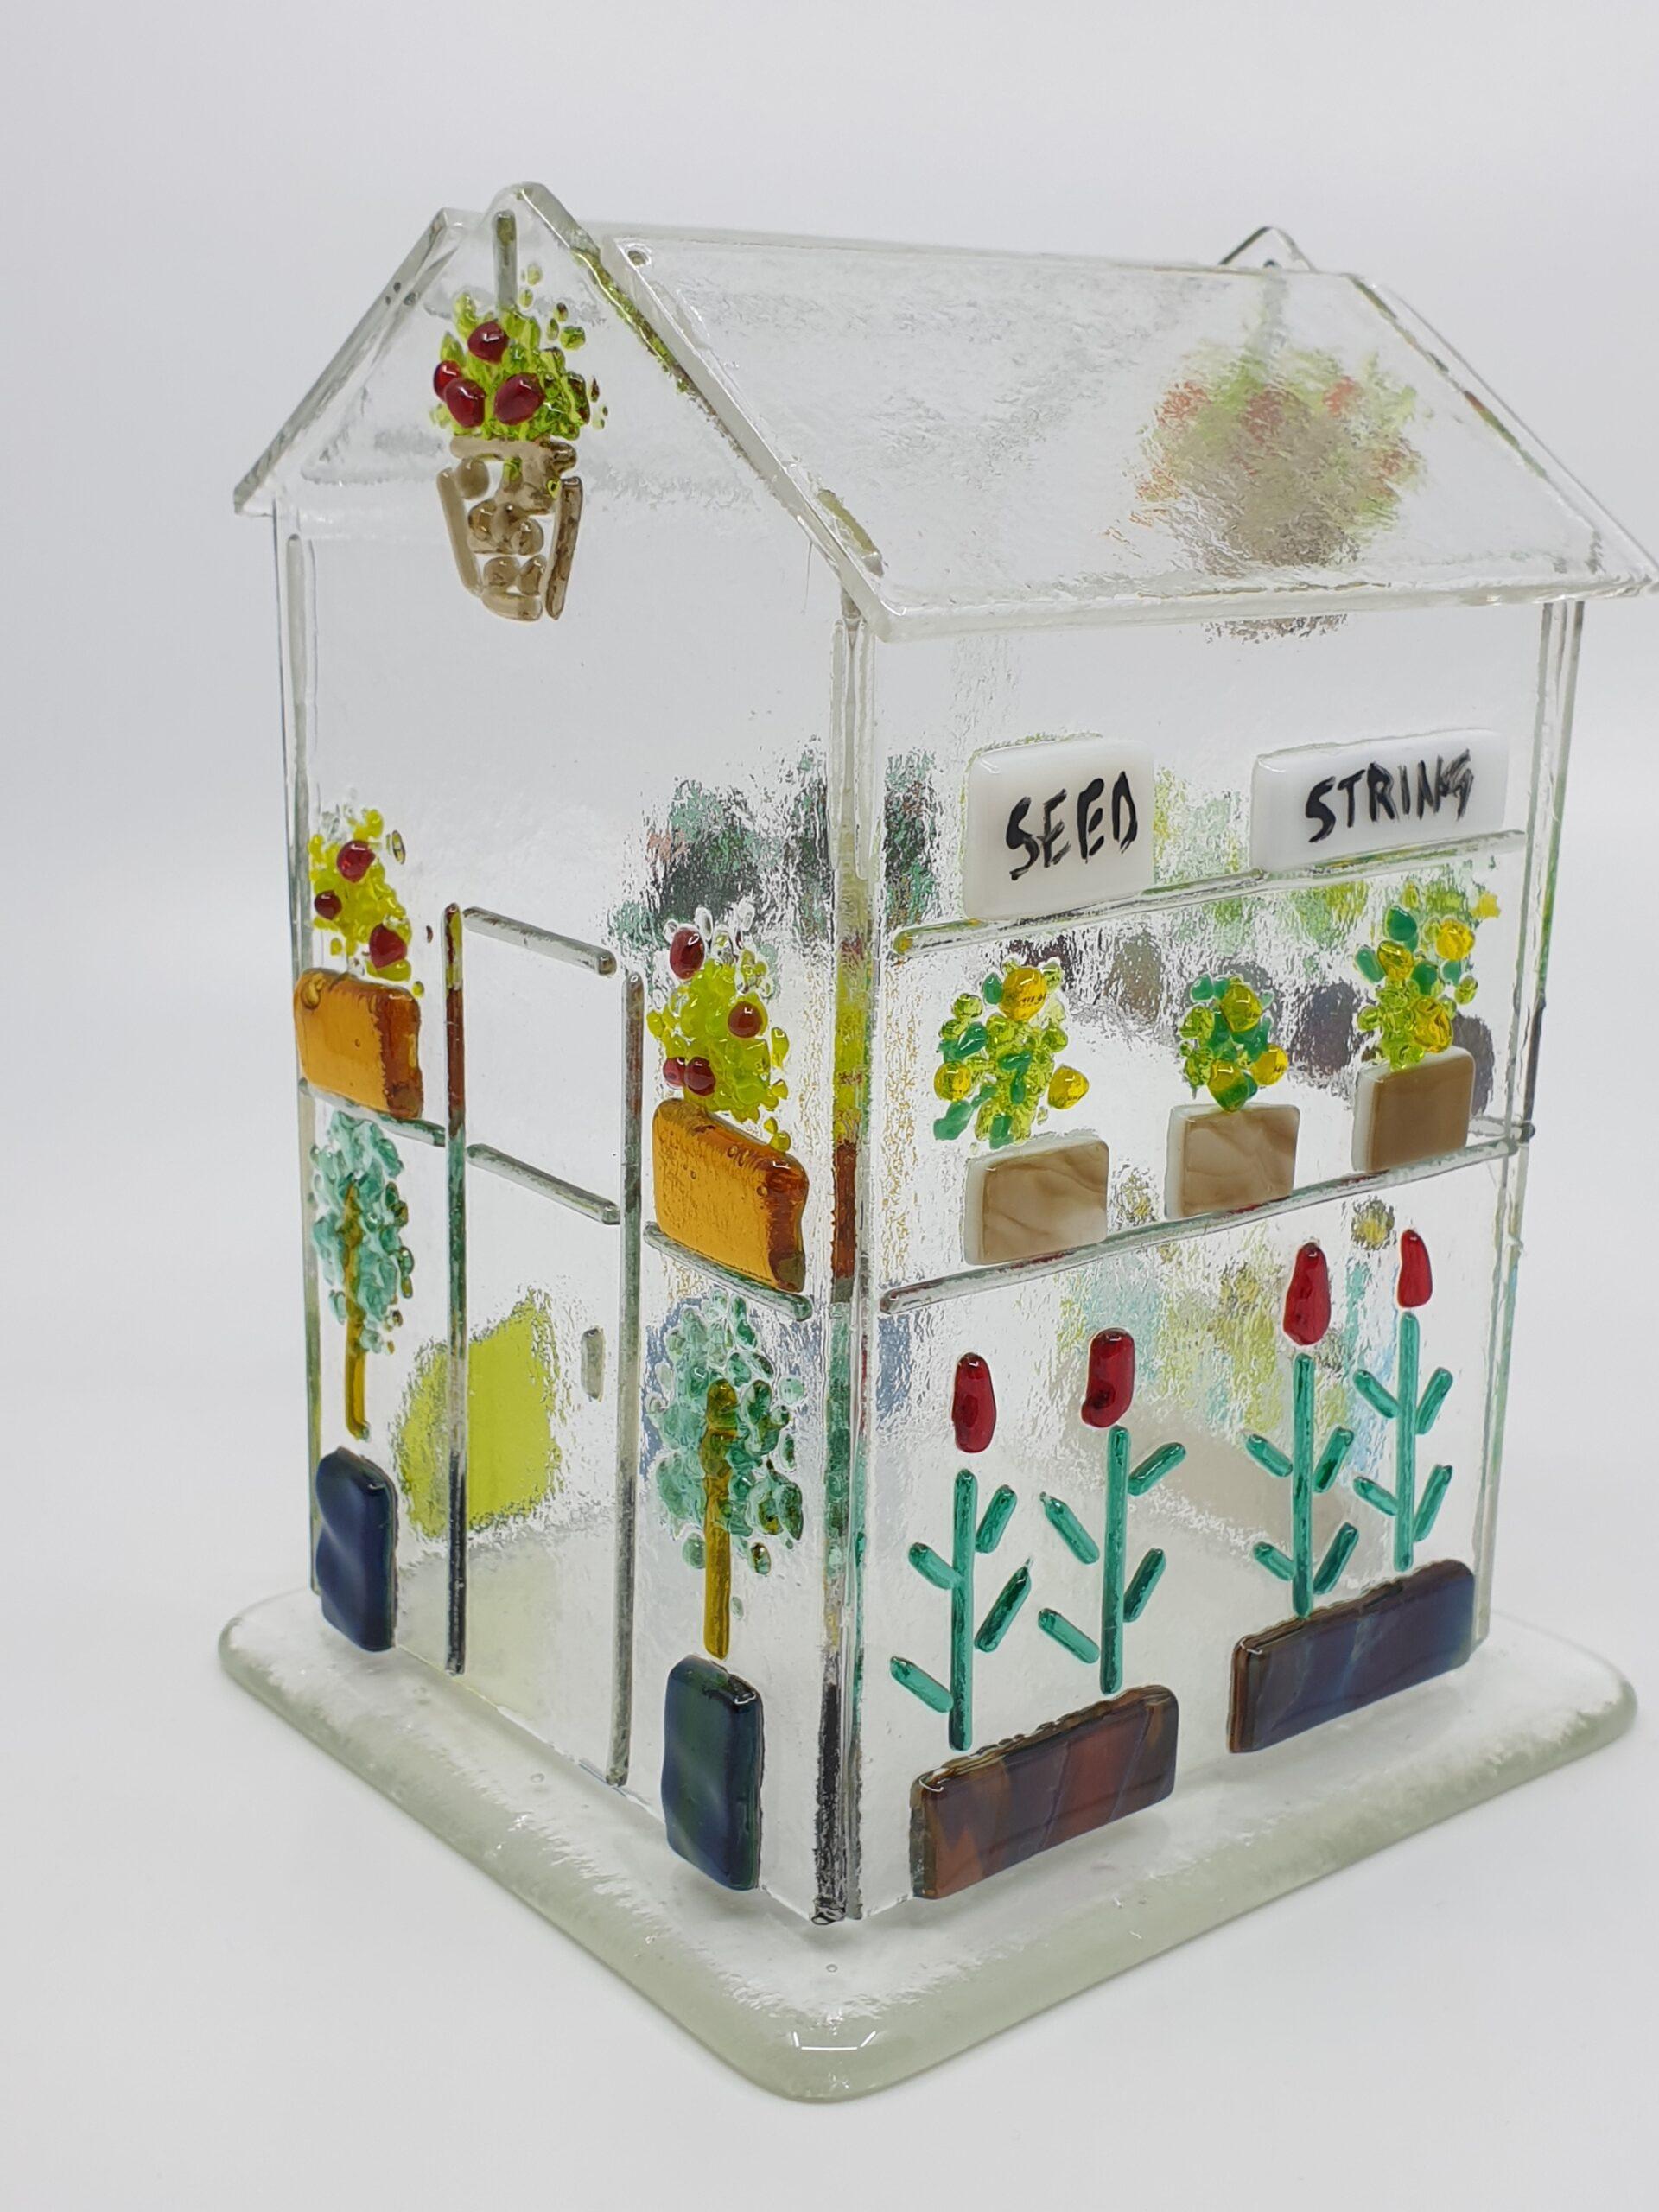 Glasshouse - Greenhouse candle holder